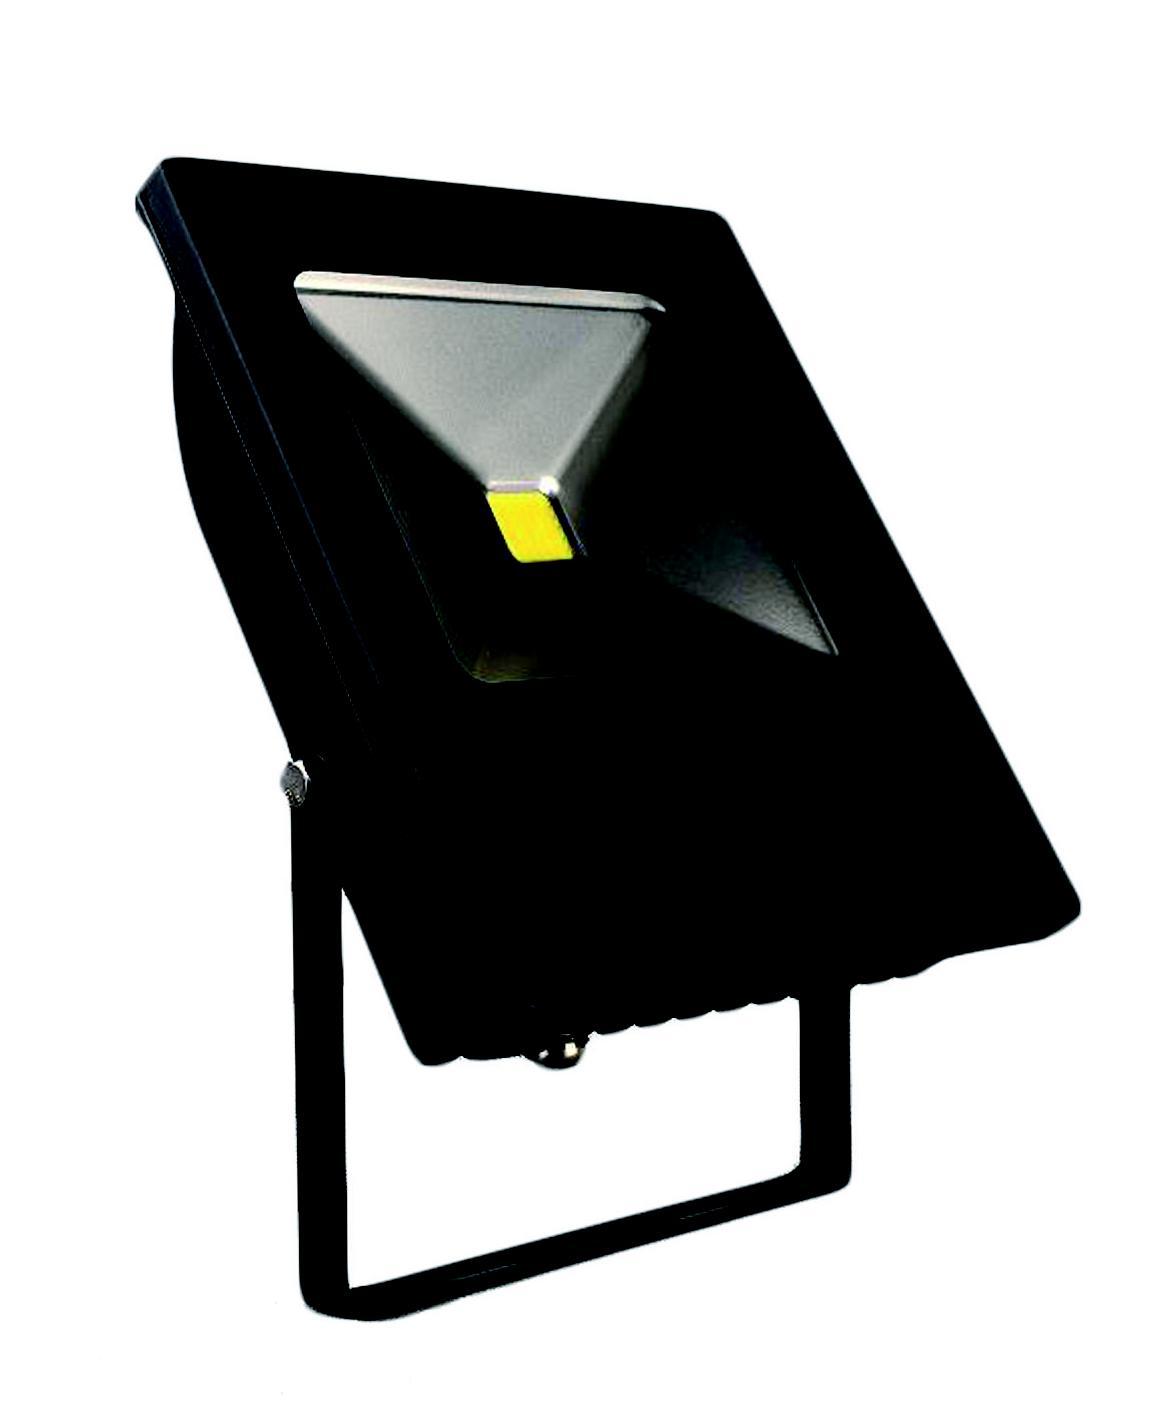 FOCO ILUMINACION LED EXTERIOR 50W : Productos de Sonivac